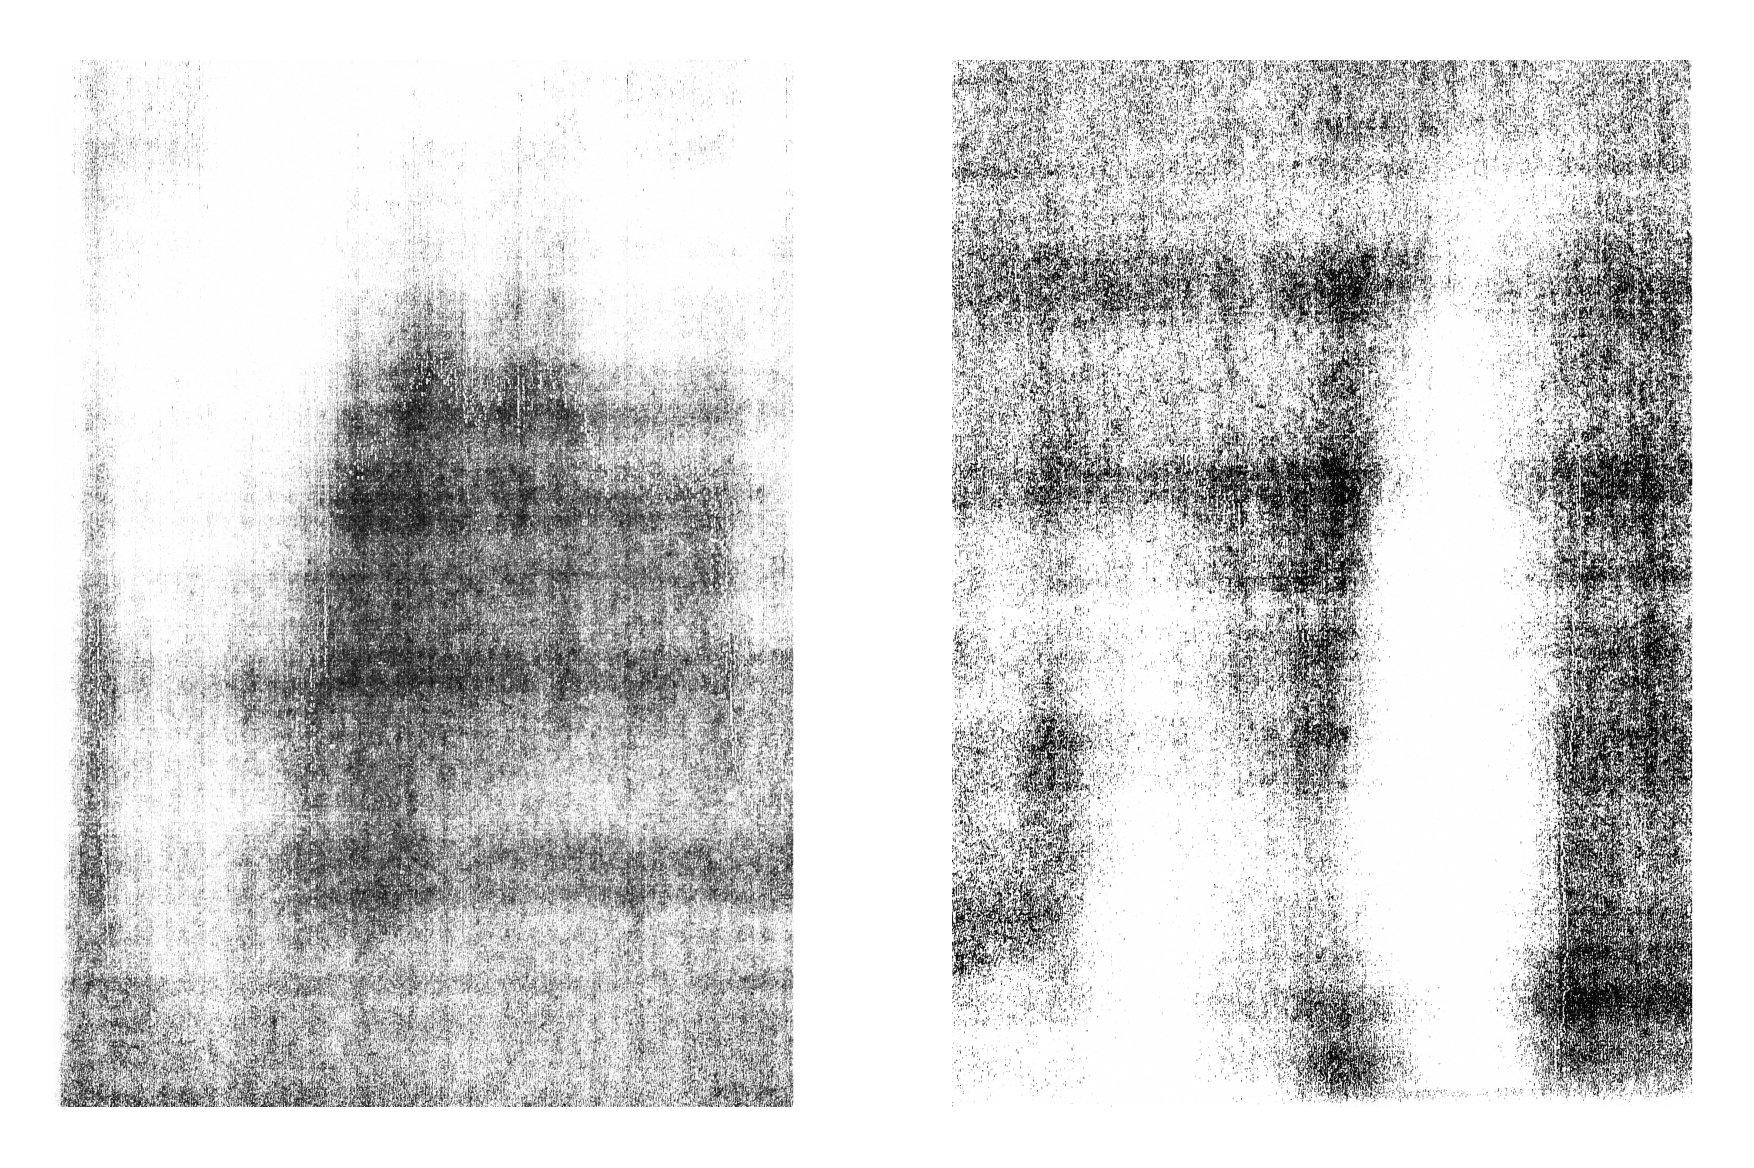 156款复古做旧折痕磨损褶皱纸张背景纹理素材合集 The Grunge Texture Bundle Vol. 1插图(84)